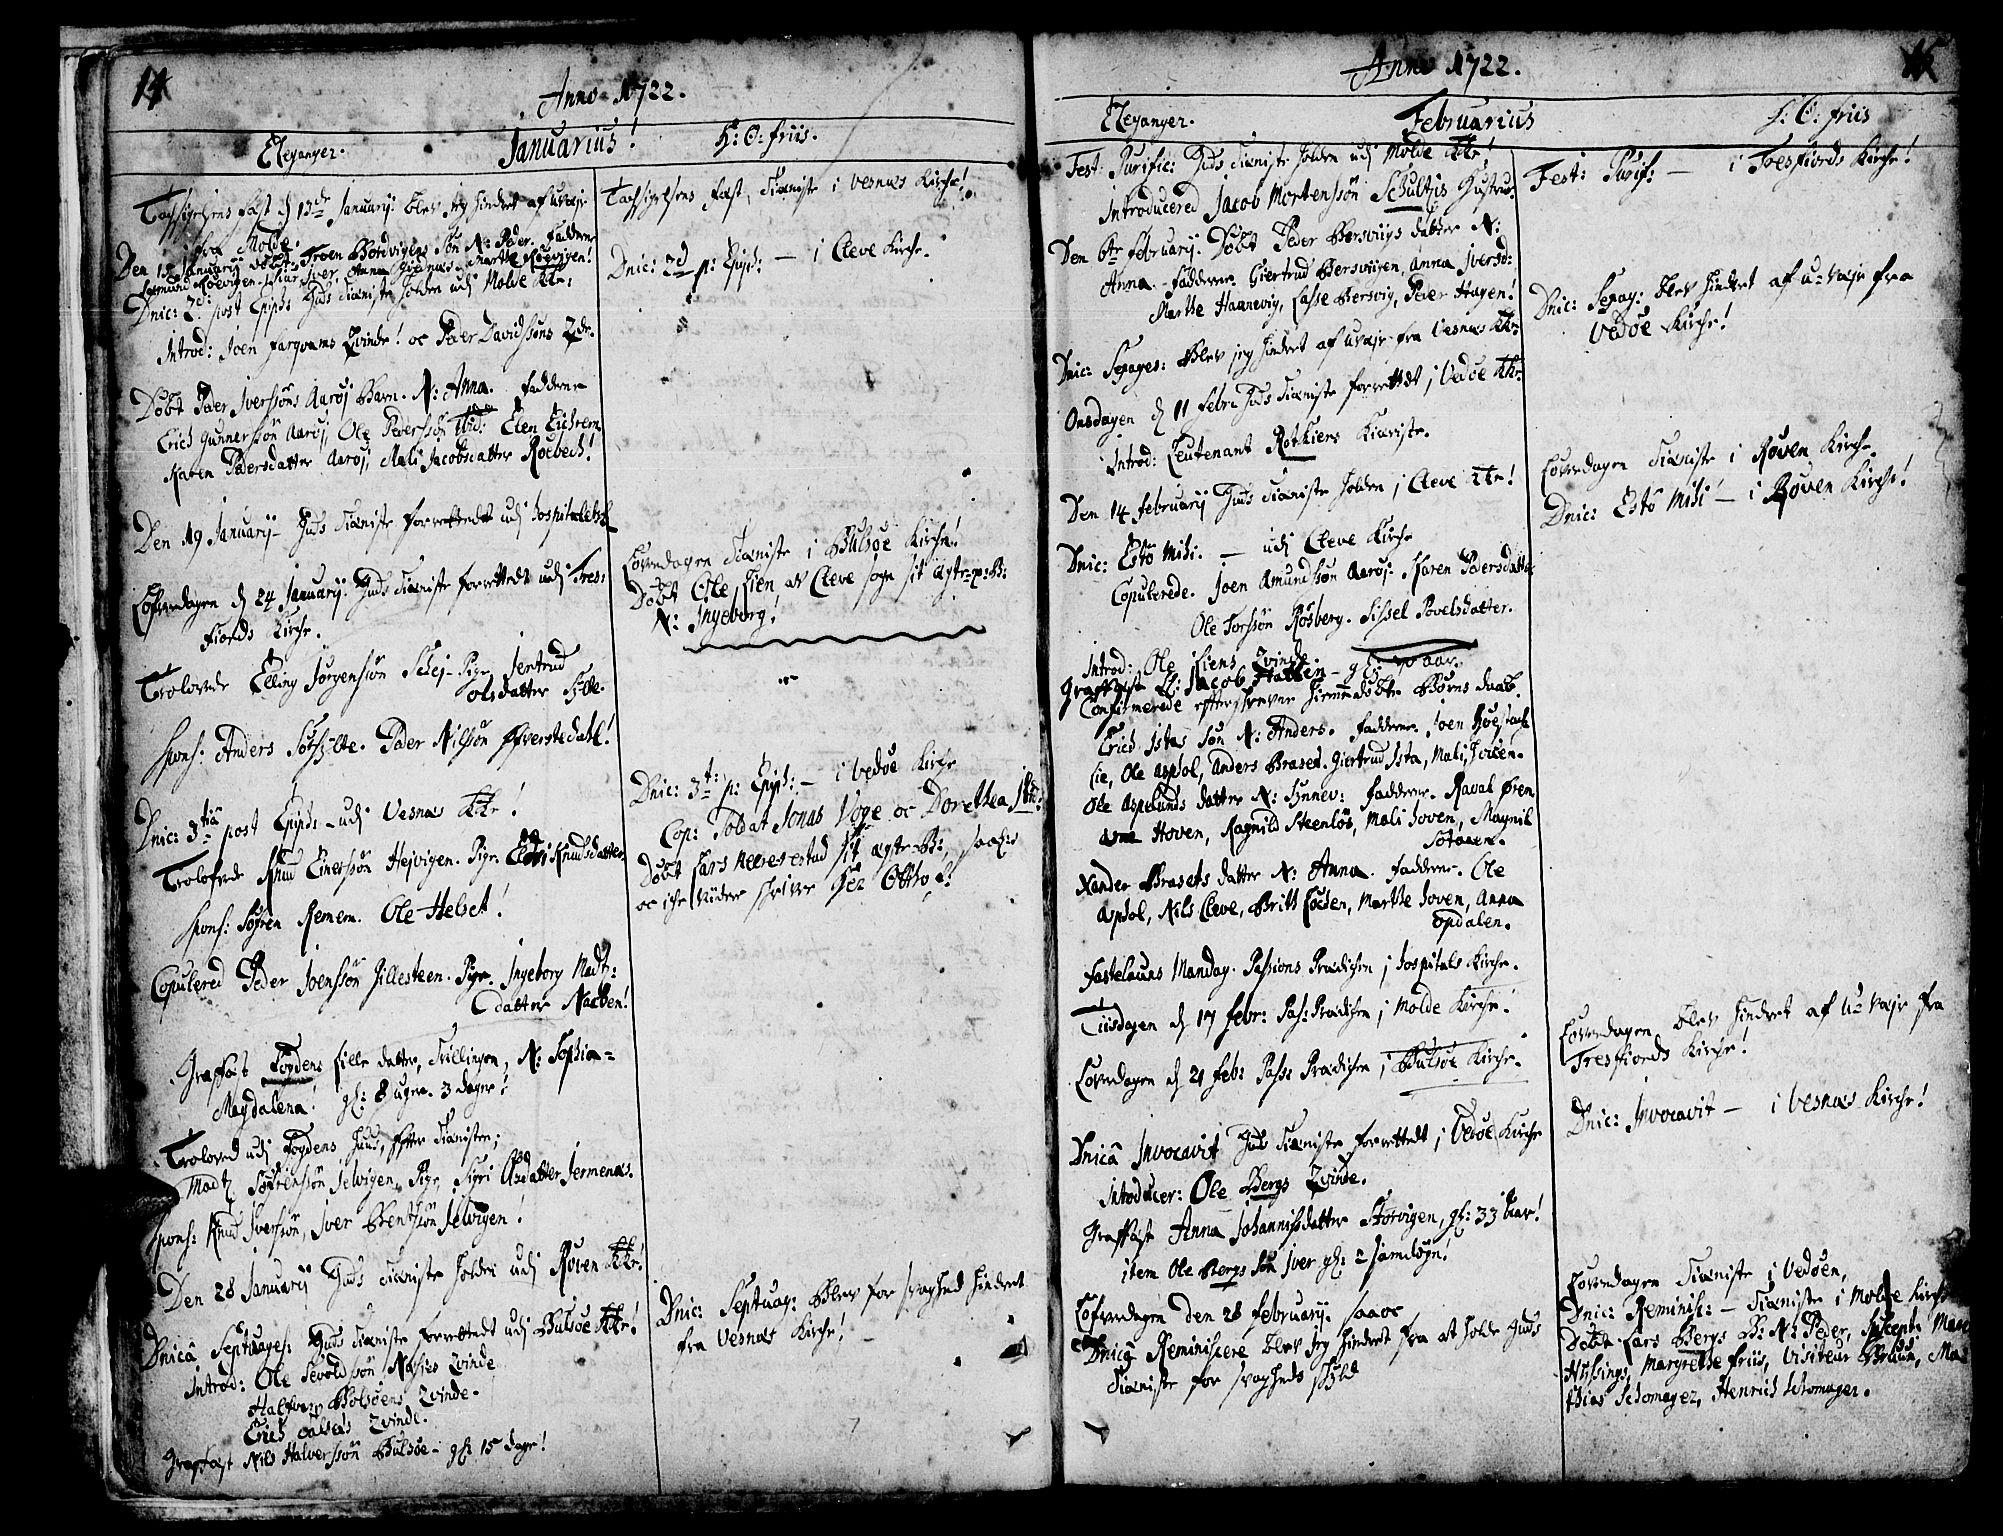 SAT, Ministerialprotokoller, klokkerbøker og fødselsregistre - Møre og Romsdal, 547/L0599: Ministerialbok nr. 547A01, 1721-1764, s. 14-15